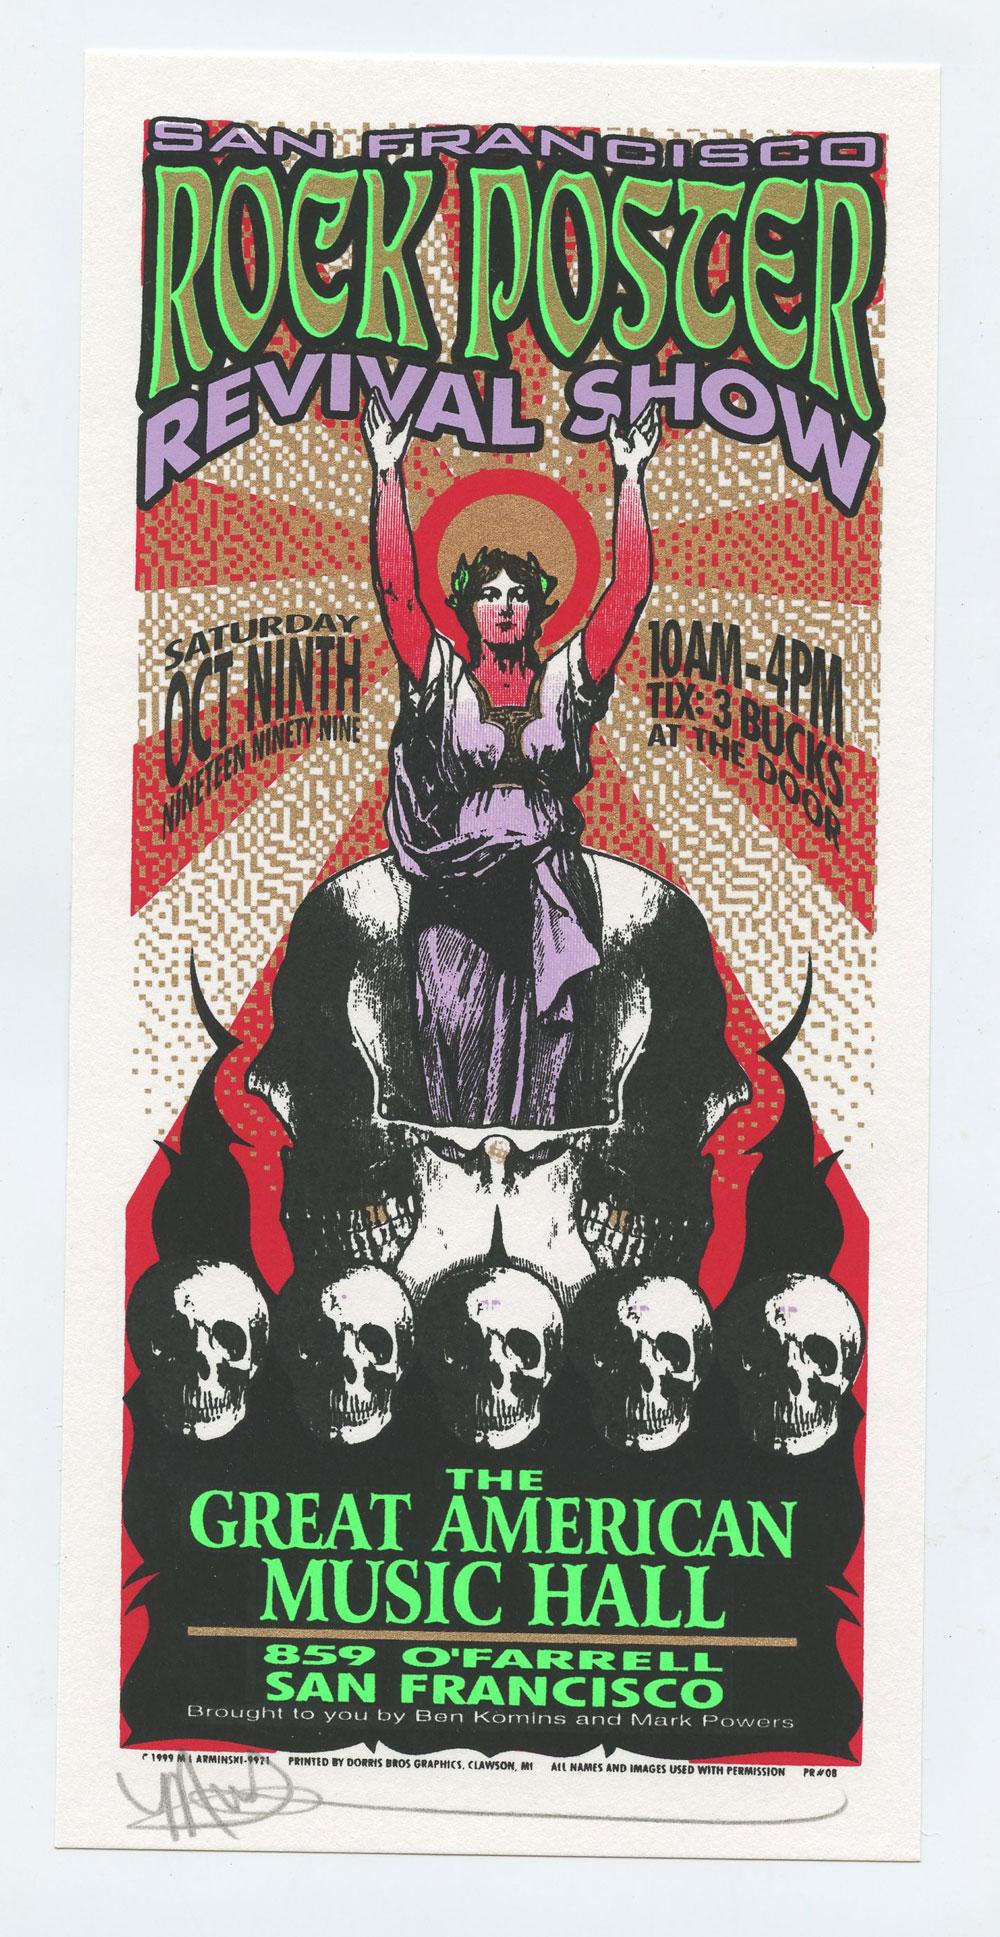 Rock Poster Revival Show 1999 Oct 9 San Francisco Handbill Mark Arminski signed